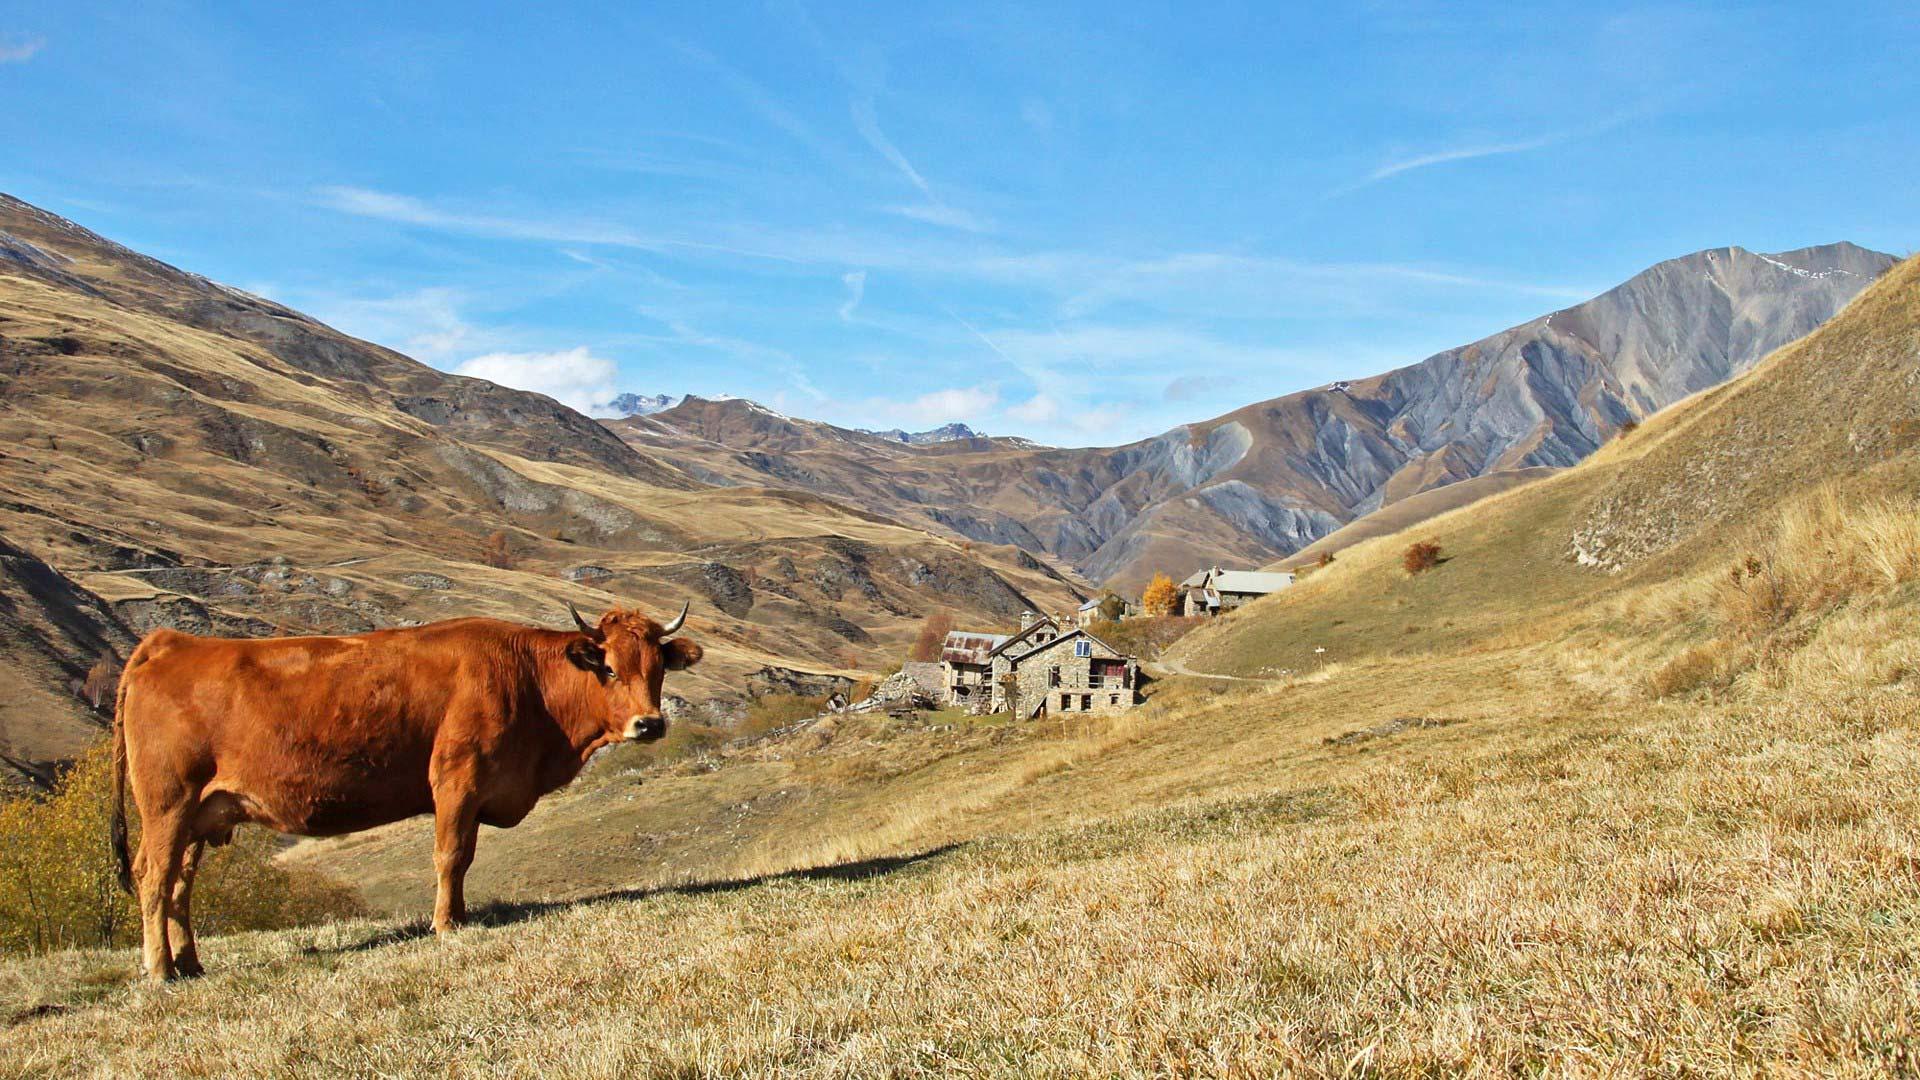 vache_en_oisans_dans_les_hautes_alpes-1920x1080